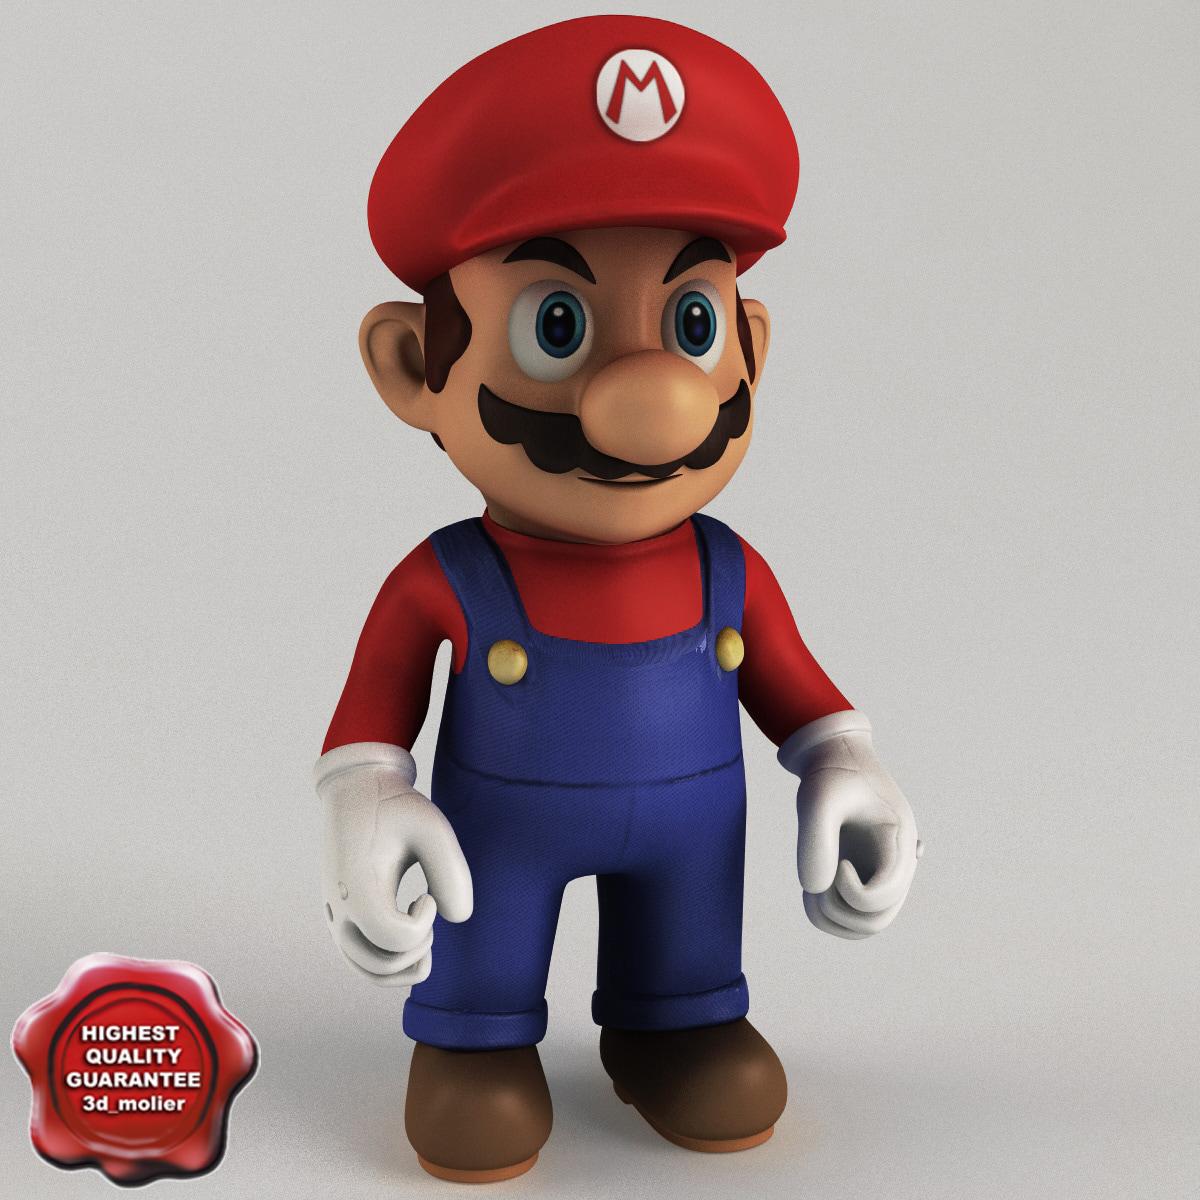 Super_Mario_Pose1_00.jpg